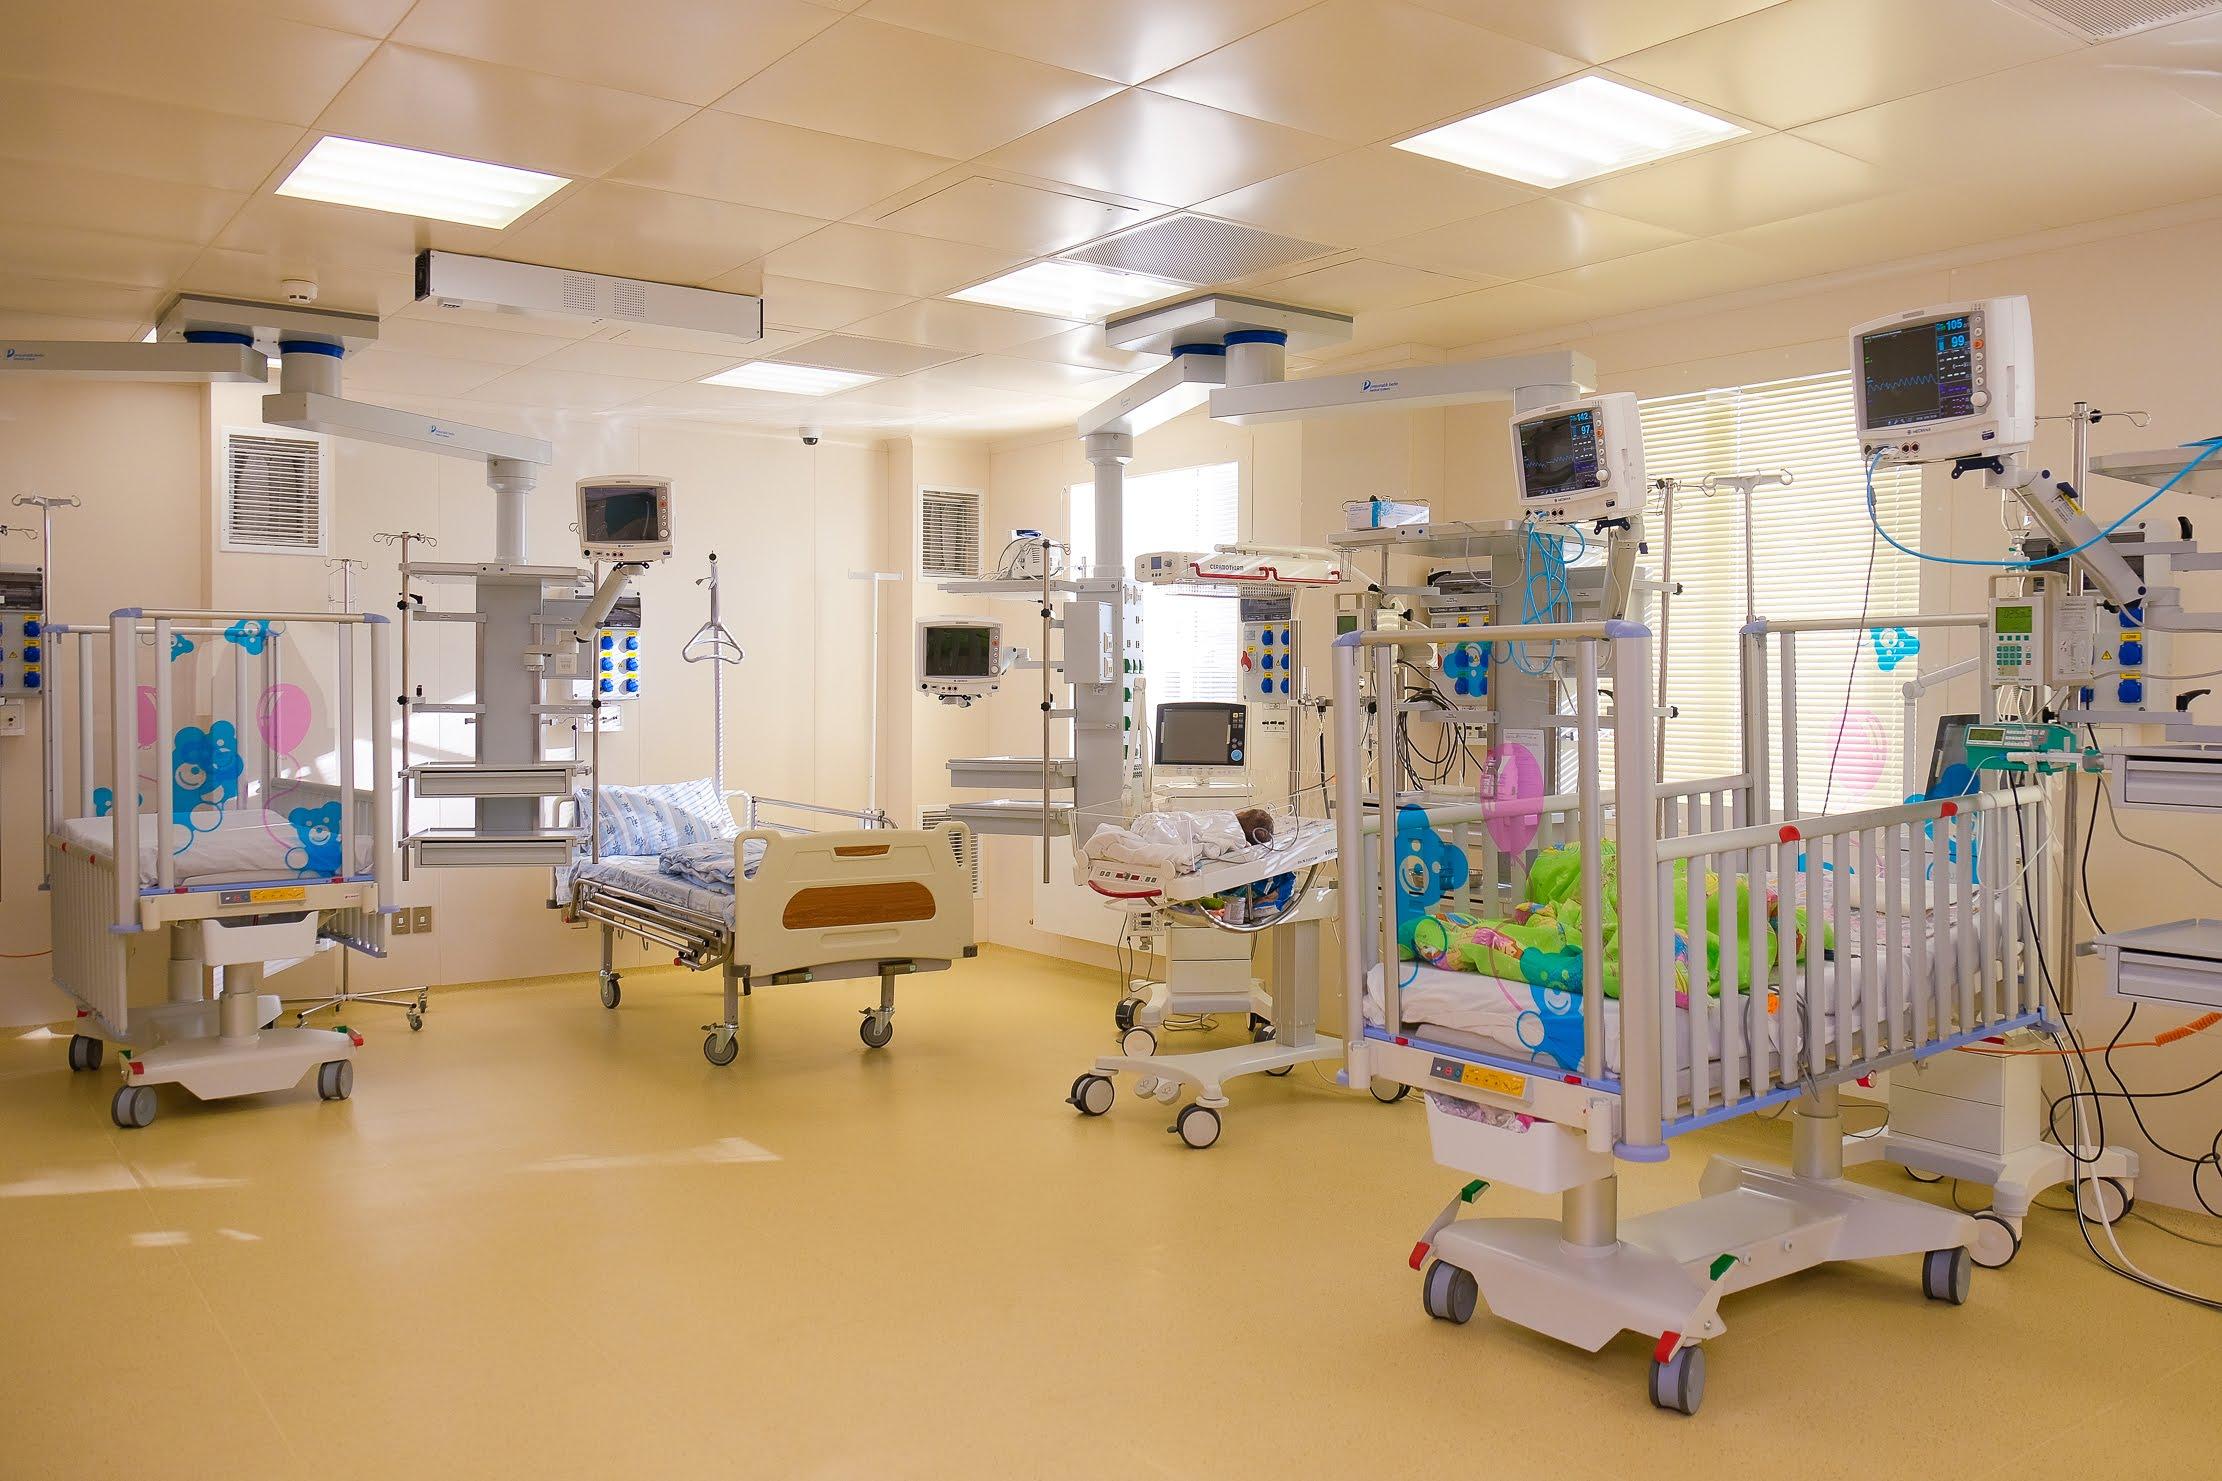 Новітнє обладнання - для пацієнтів Центру матері та дитини ім. проф. Руднєва у Дніпрі